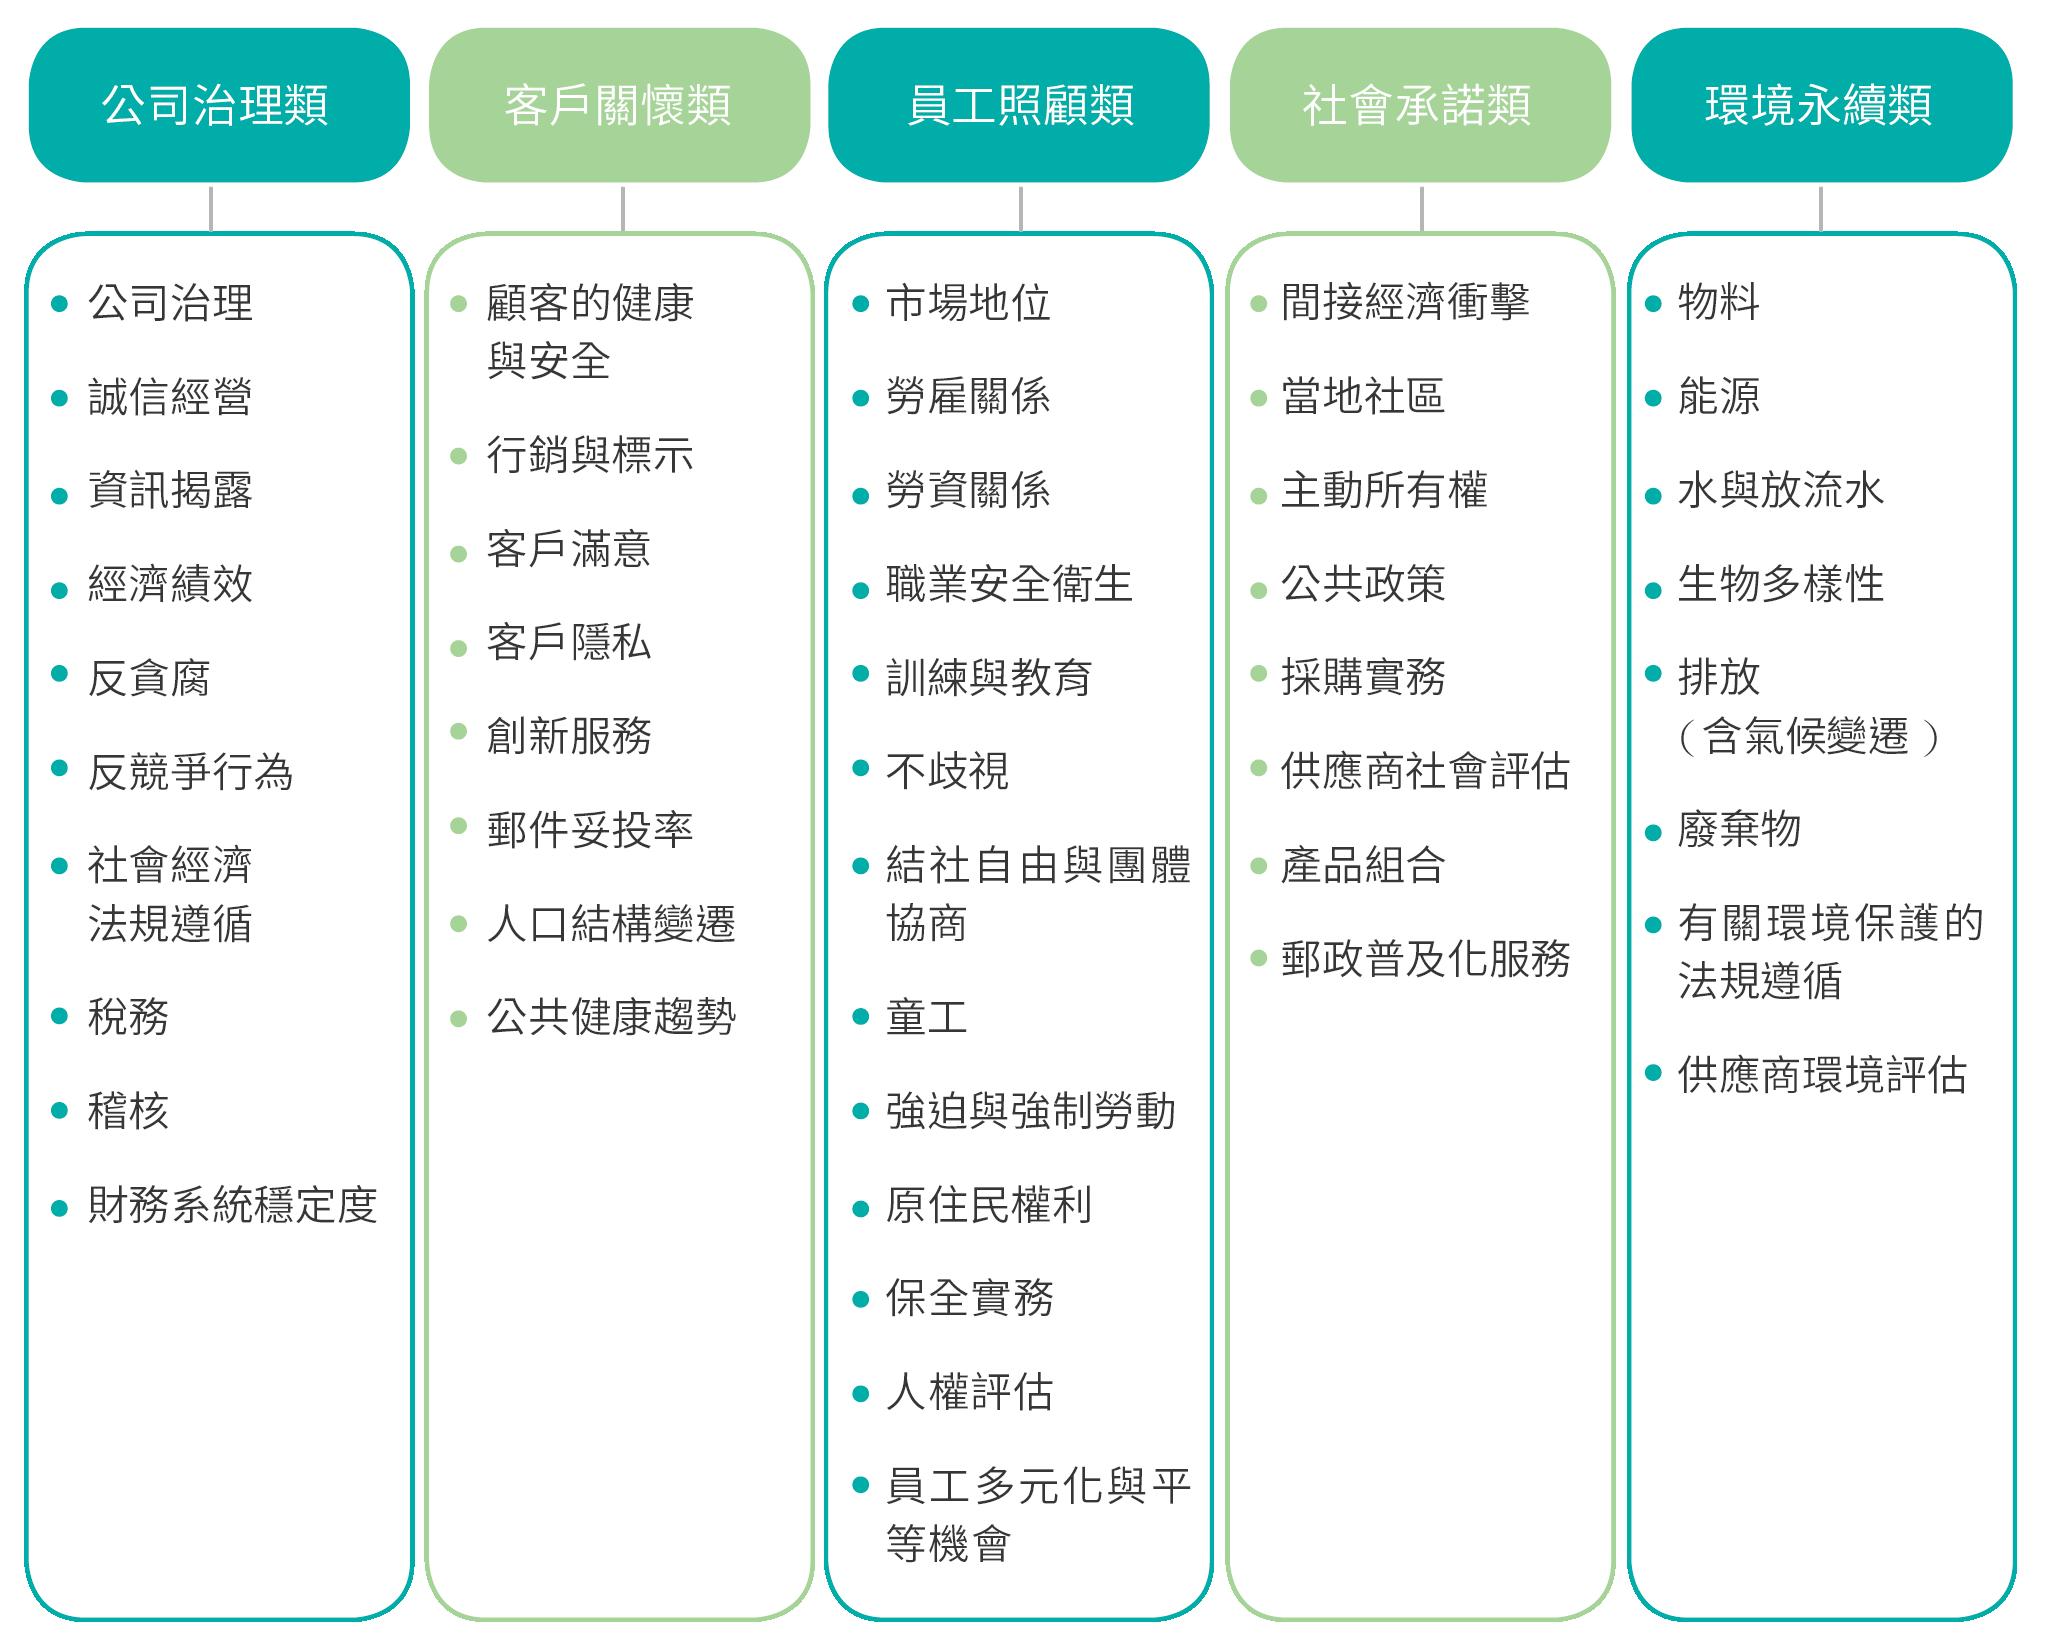 前述各類管道蒐集資訊後彙整出的47 個永續相關議題如下: